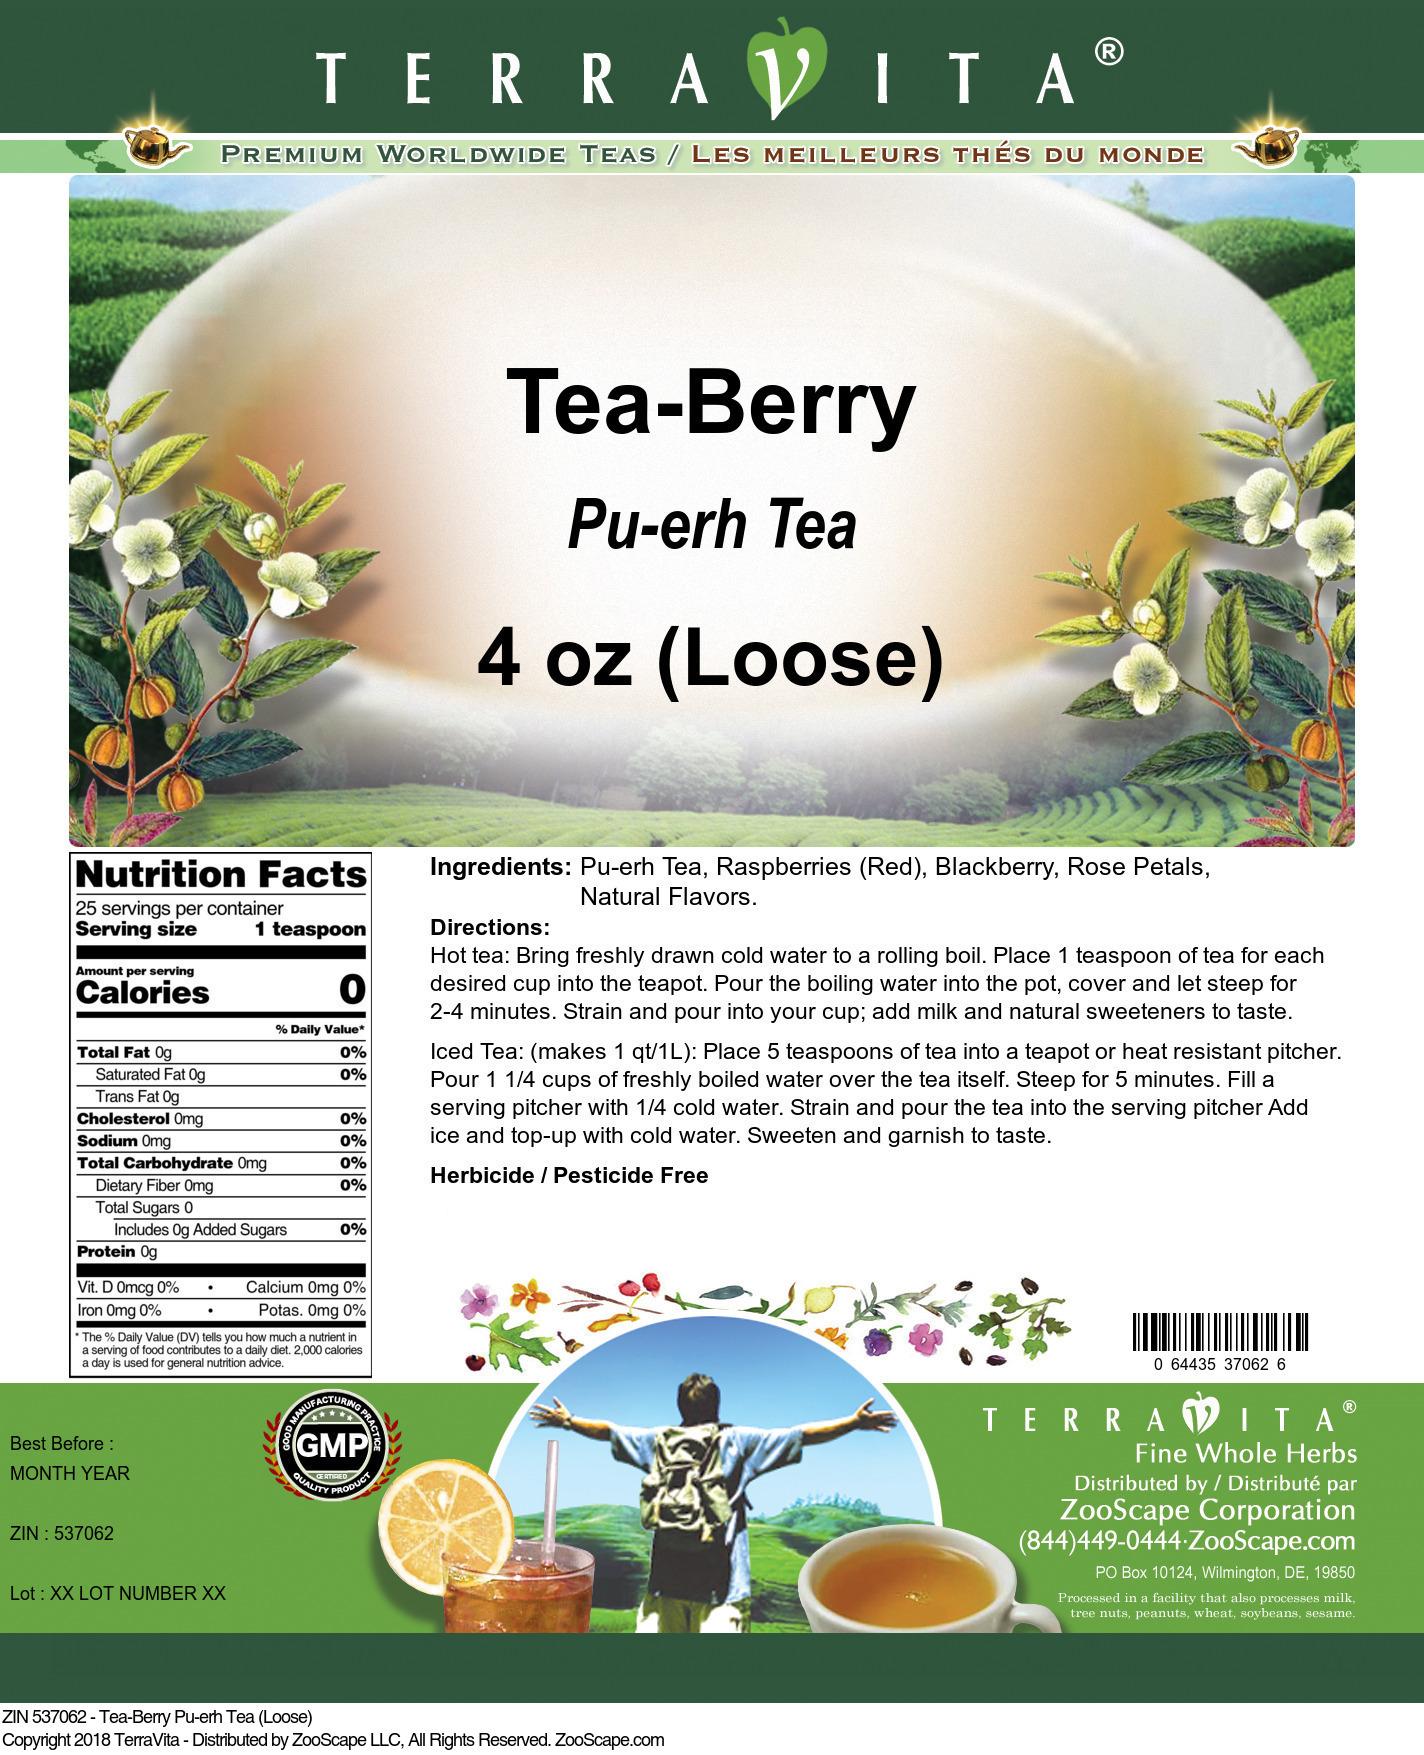 Tea-Berry Pu-erh Tea (Loose)